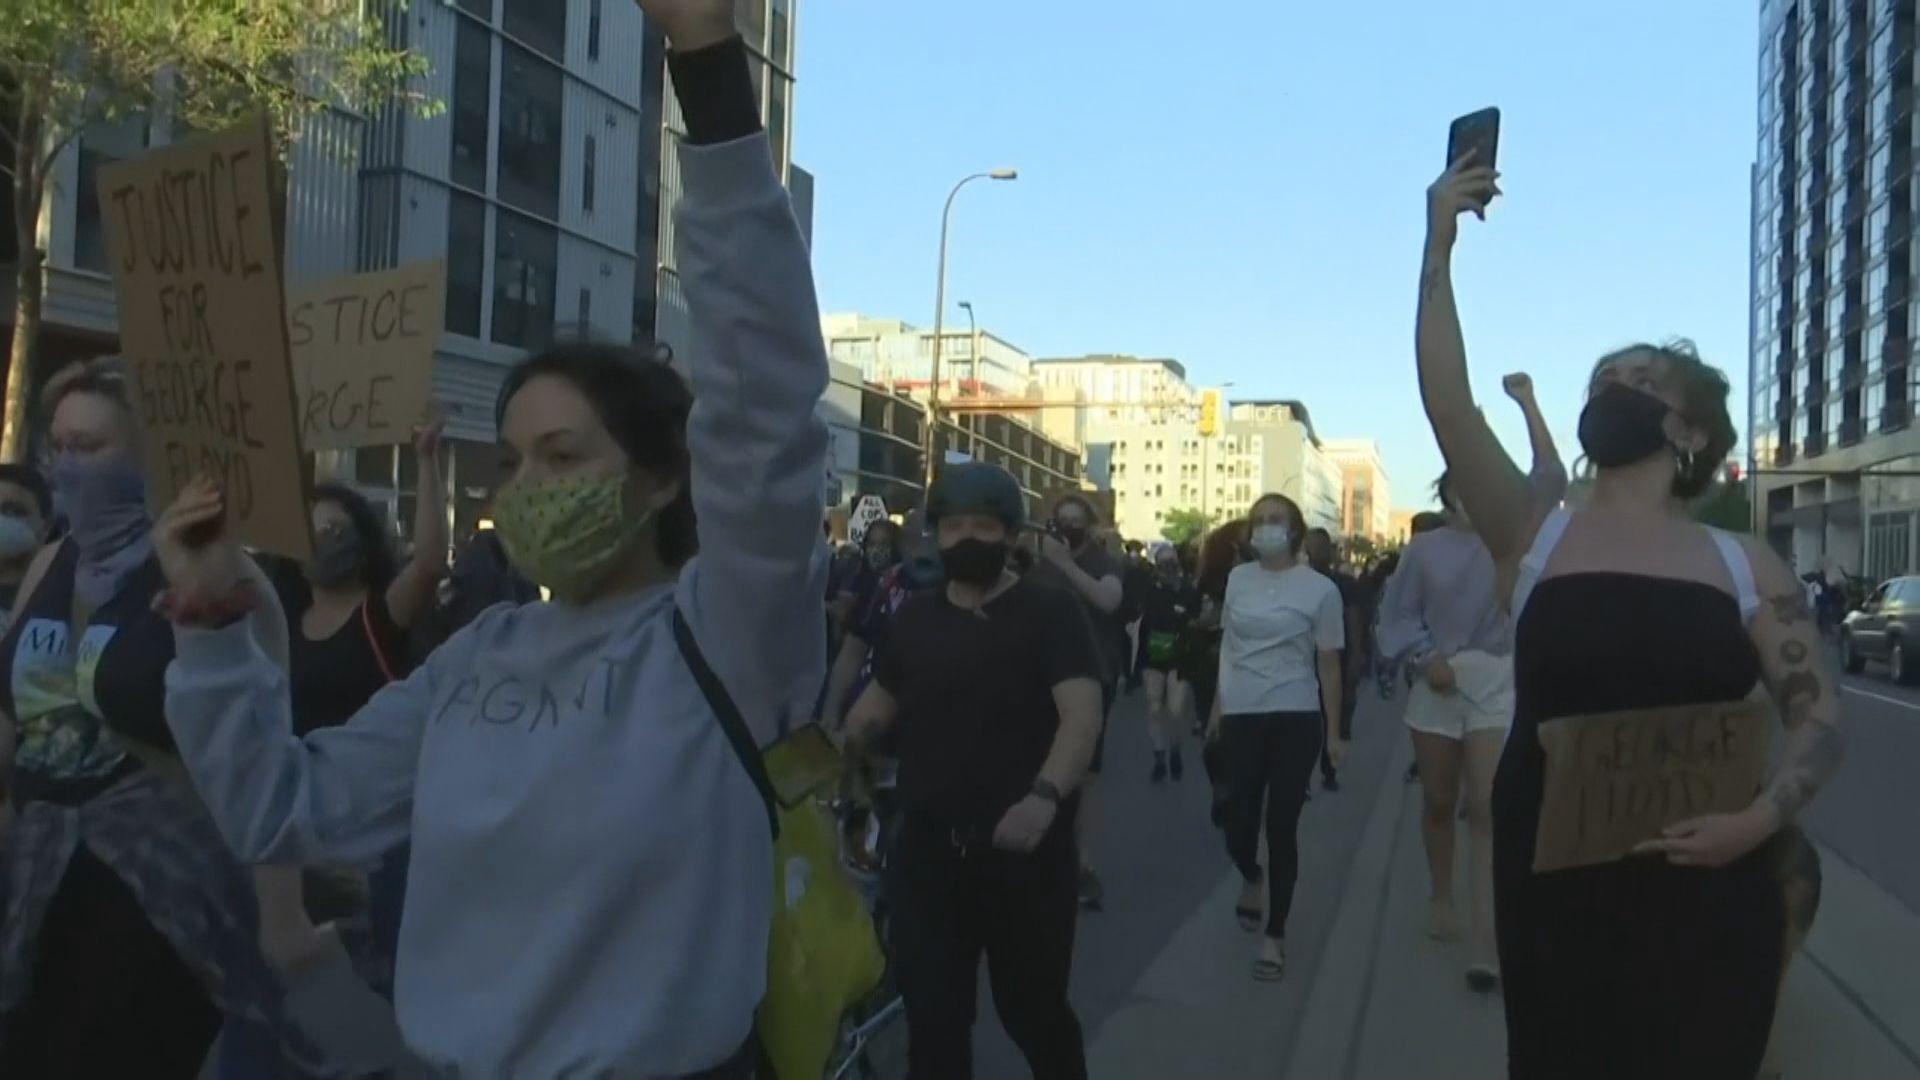 抗議警員過度使用武力示威在全美蔓延